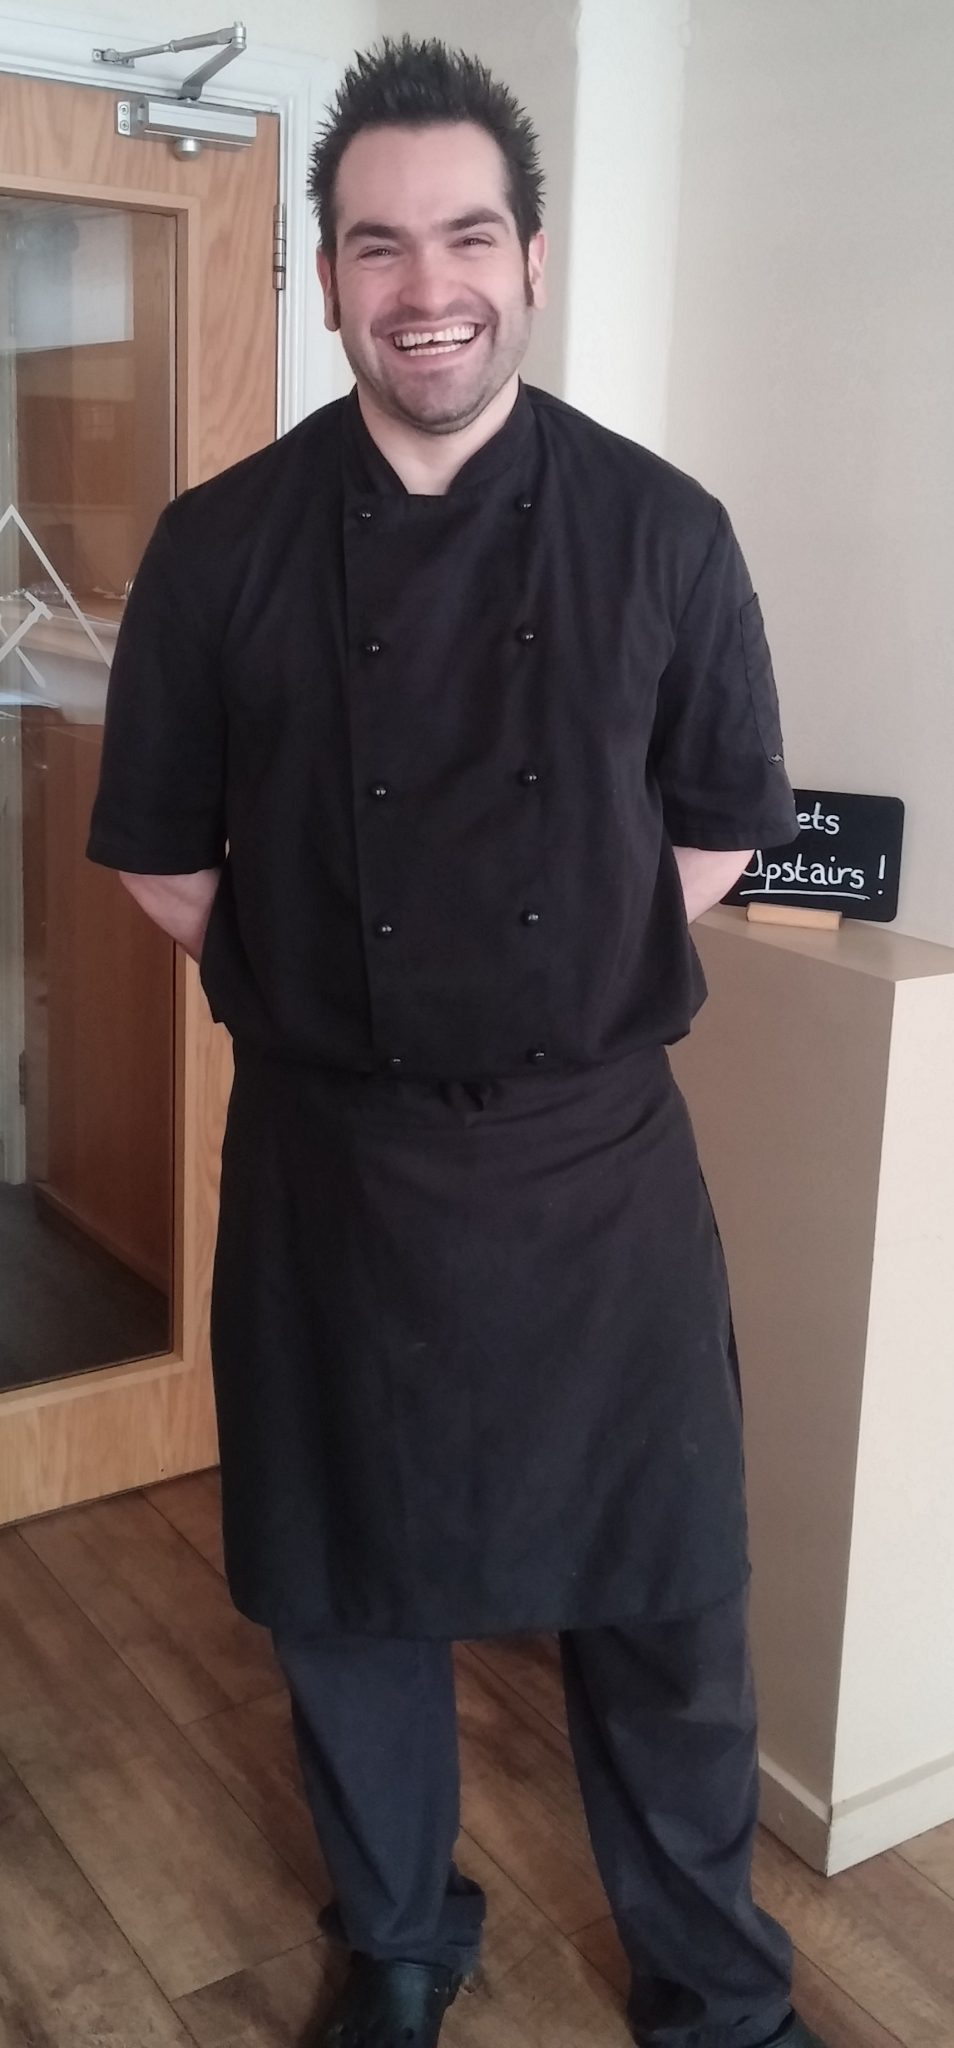 Head Chef Chris Parry